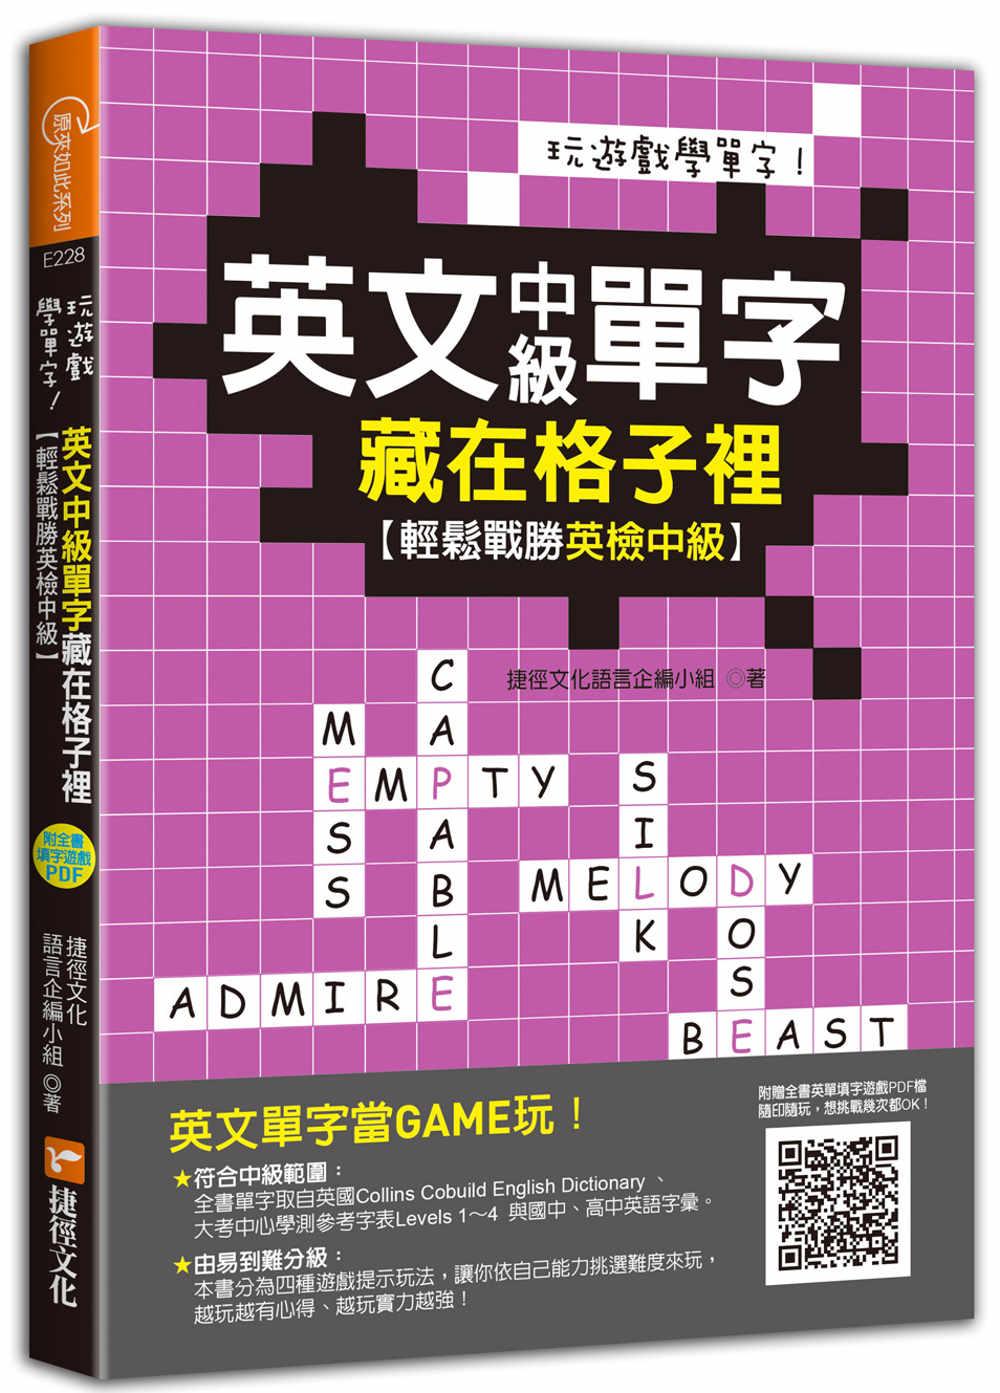 玩遊戲學單字!英文中級單字藏在格子裡 :輕鬆戰勝英檢中級!(超值附贈單字填字遊戲下載即玩QR code)